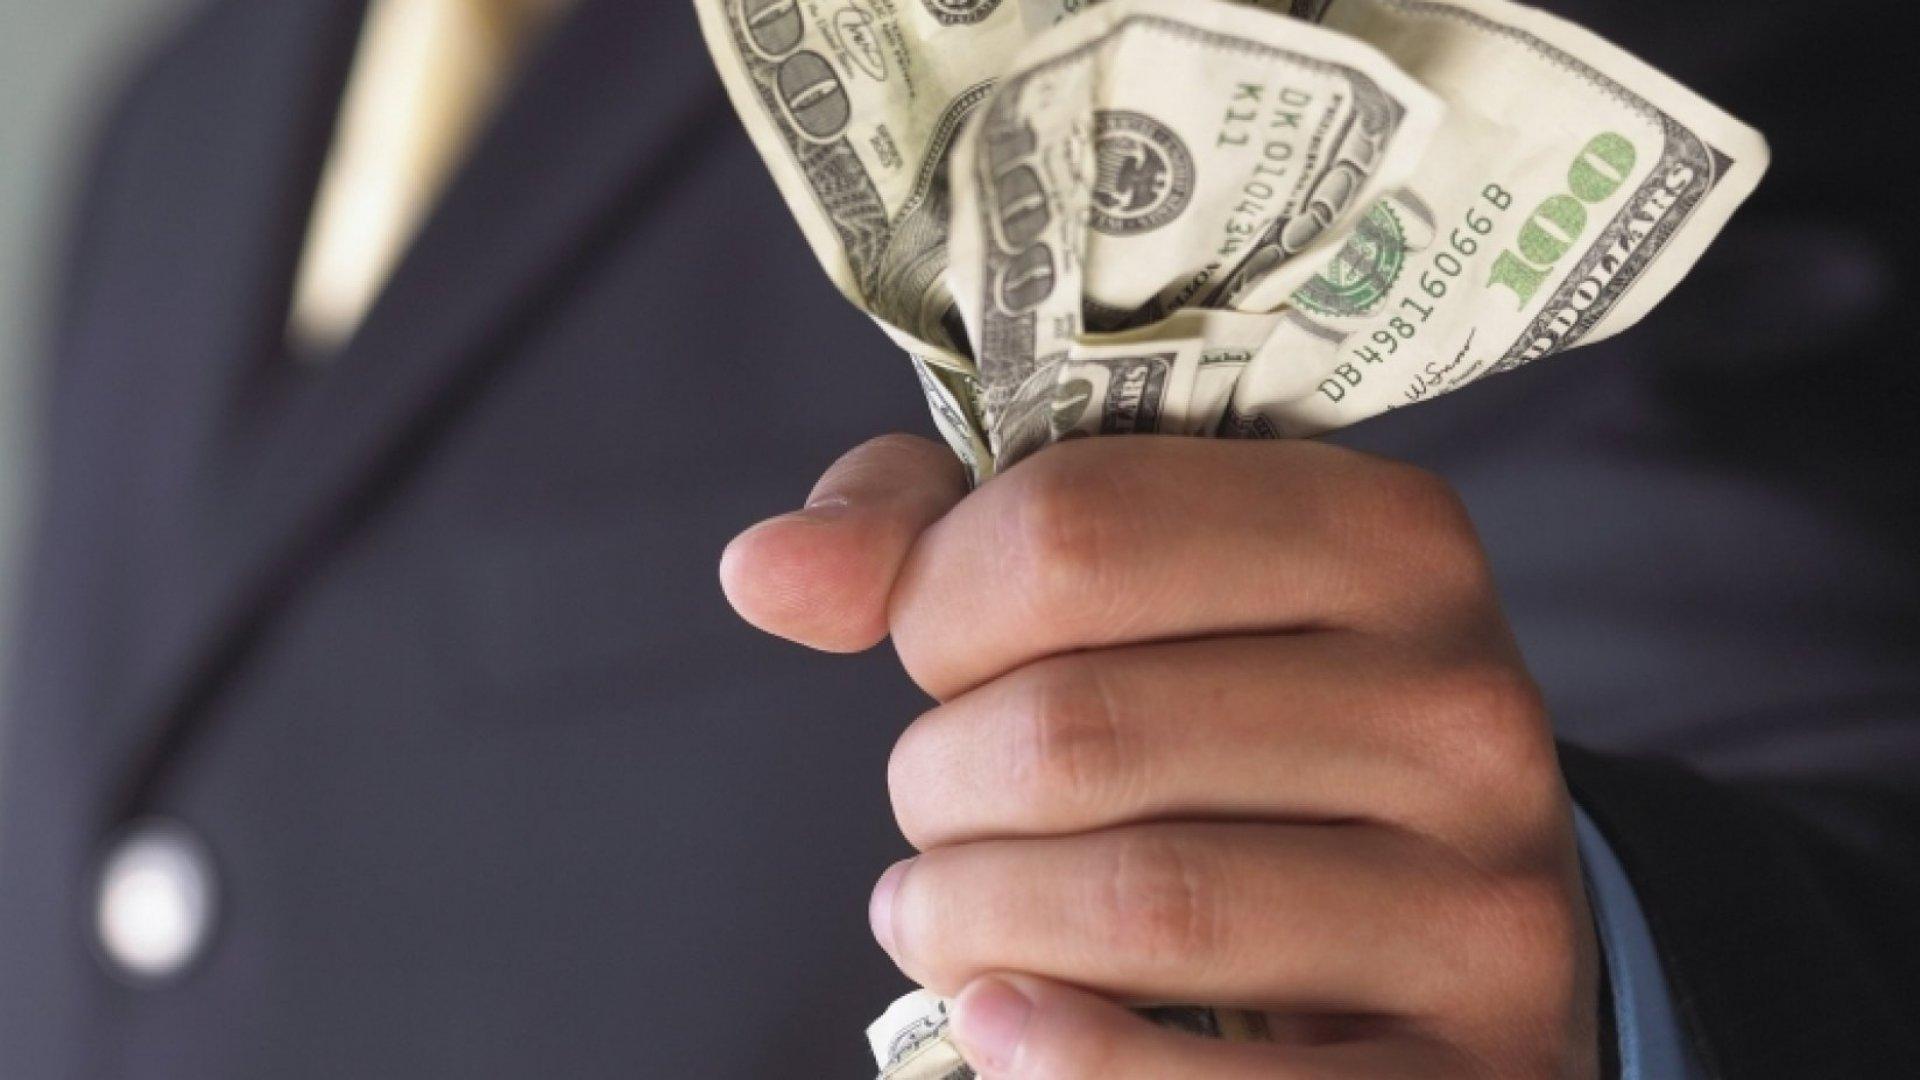 How to Create the Next Million-Dollar Idea